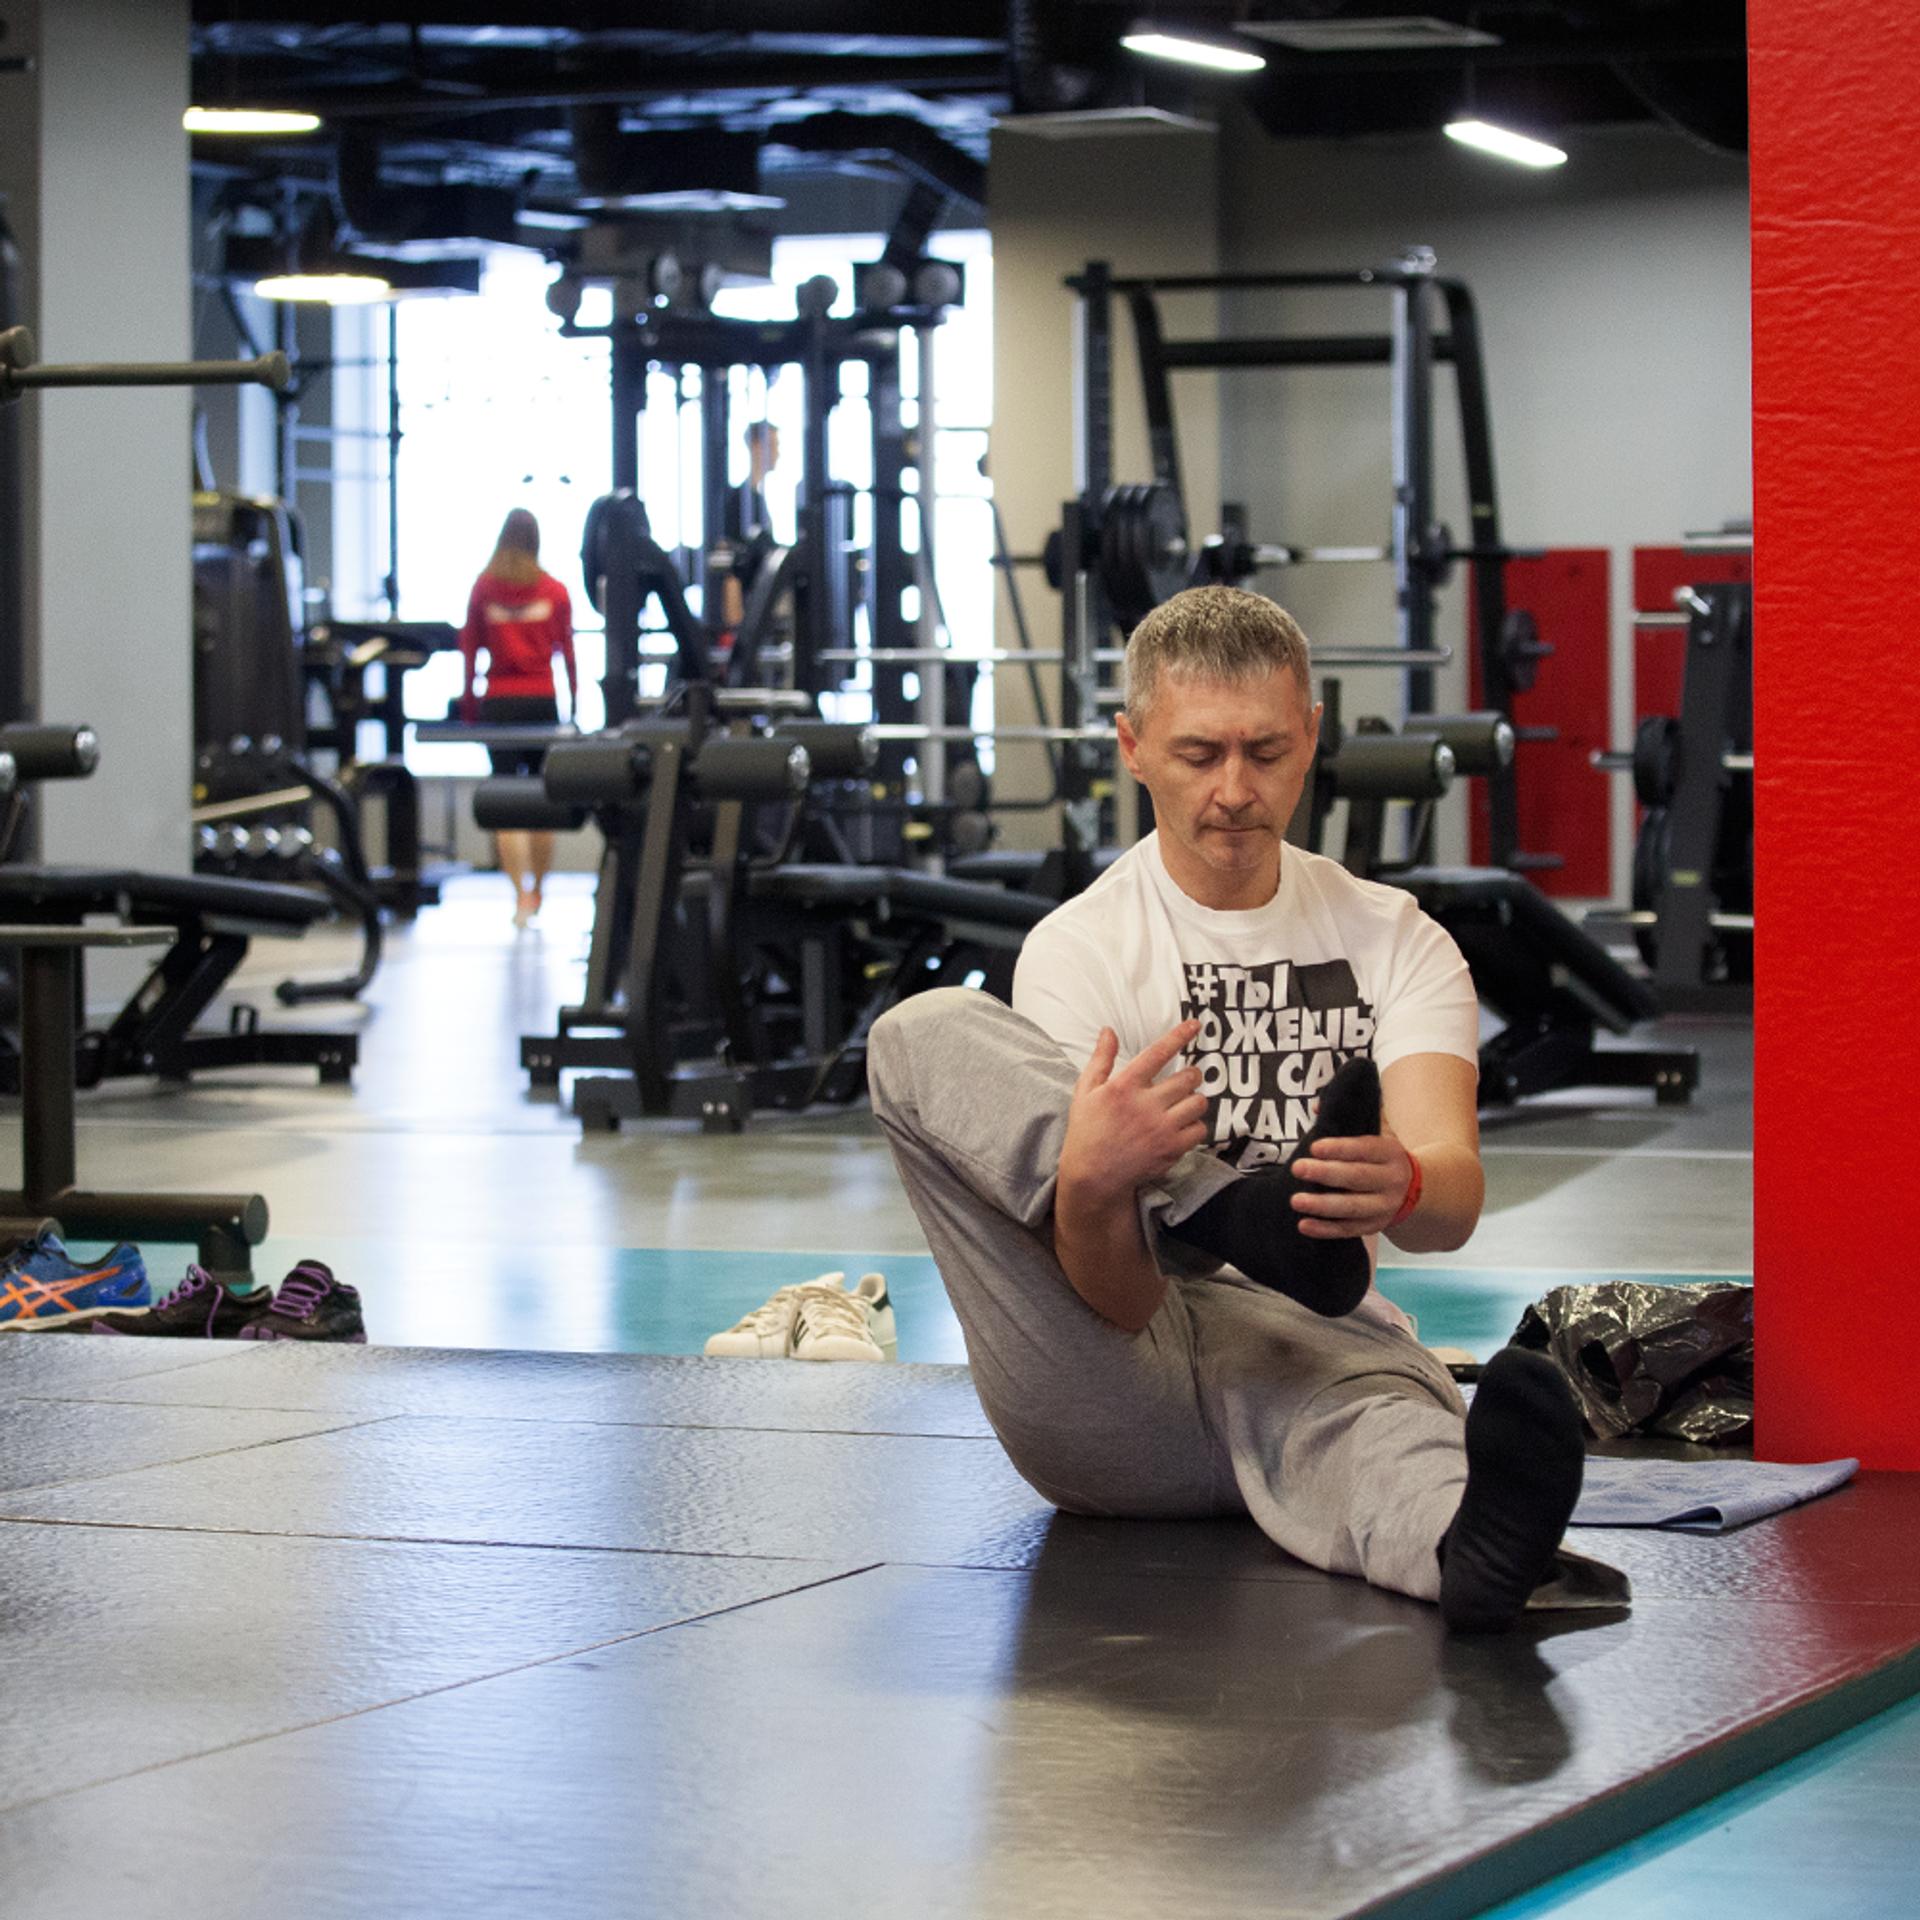 Закрытие фитнес клубы москвы атлетический клуб москва